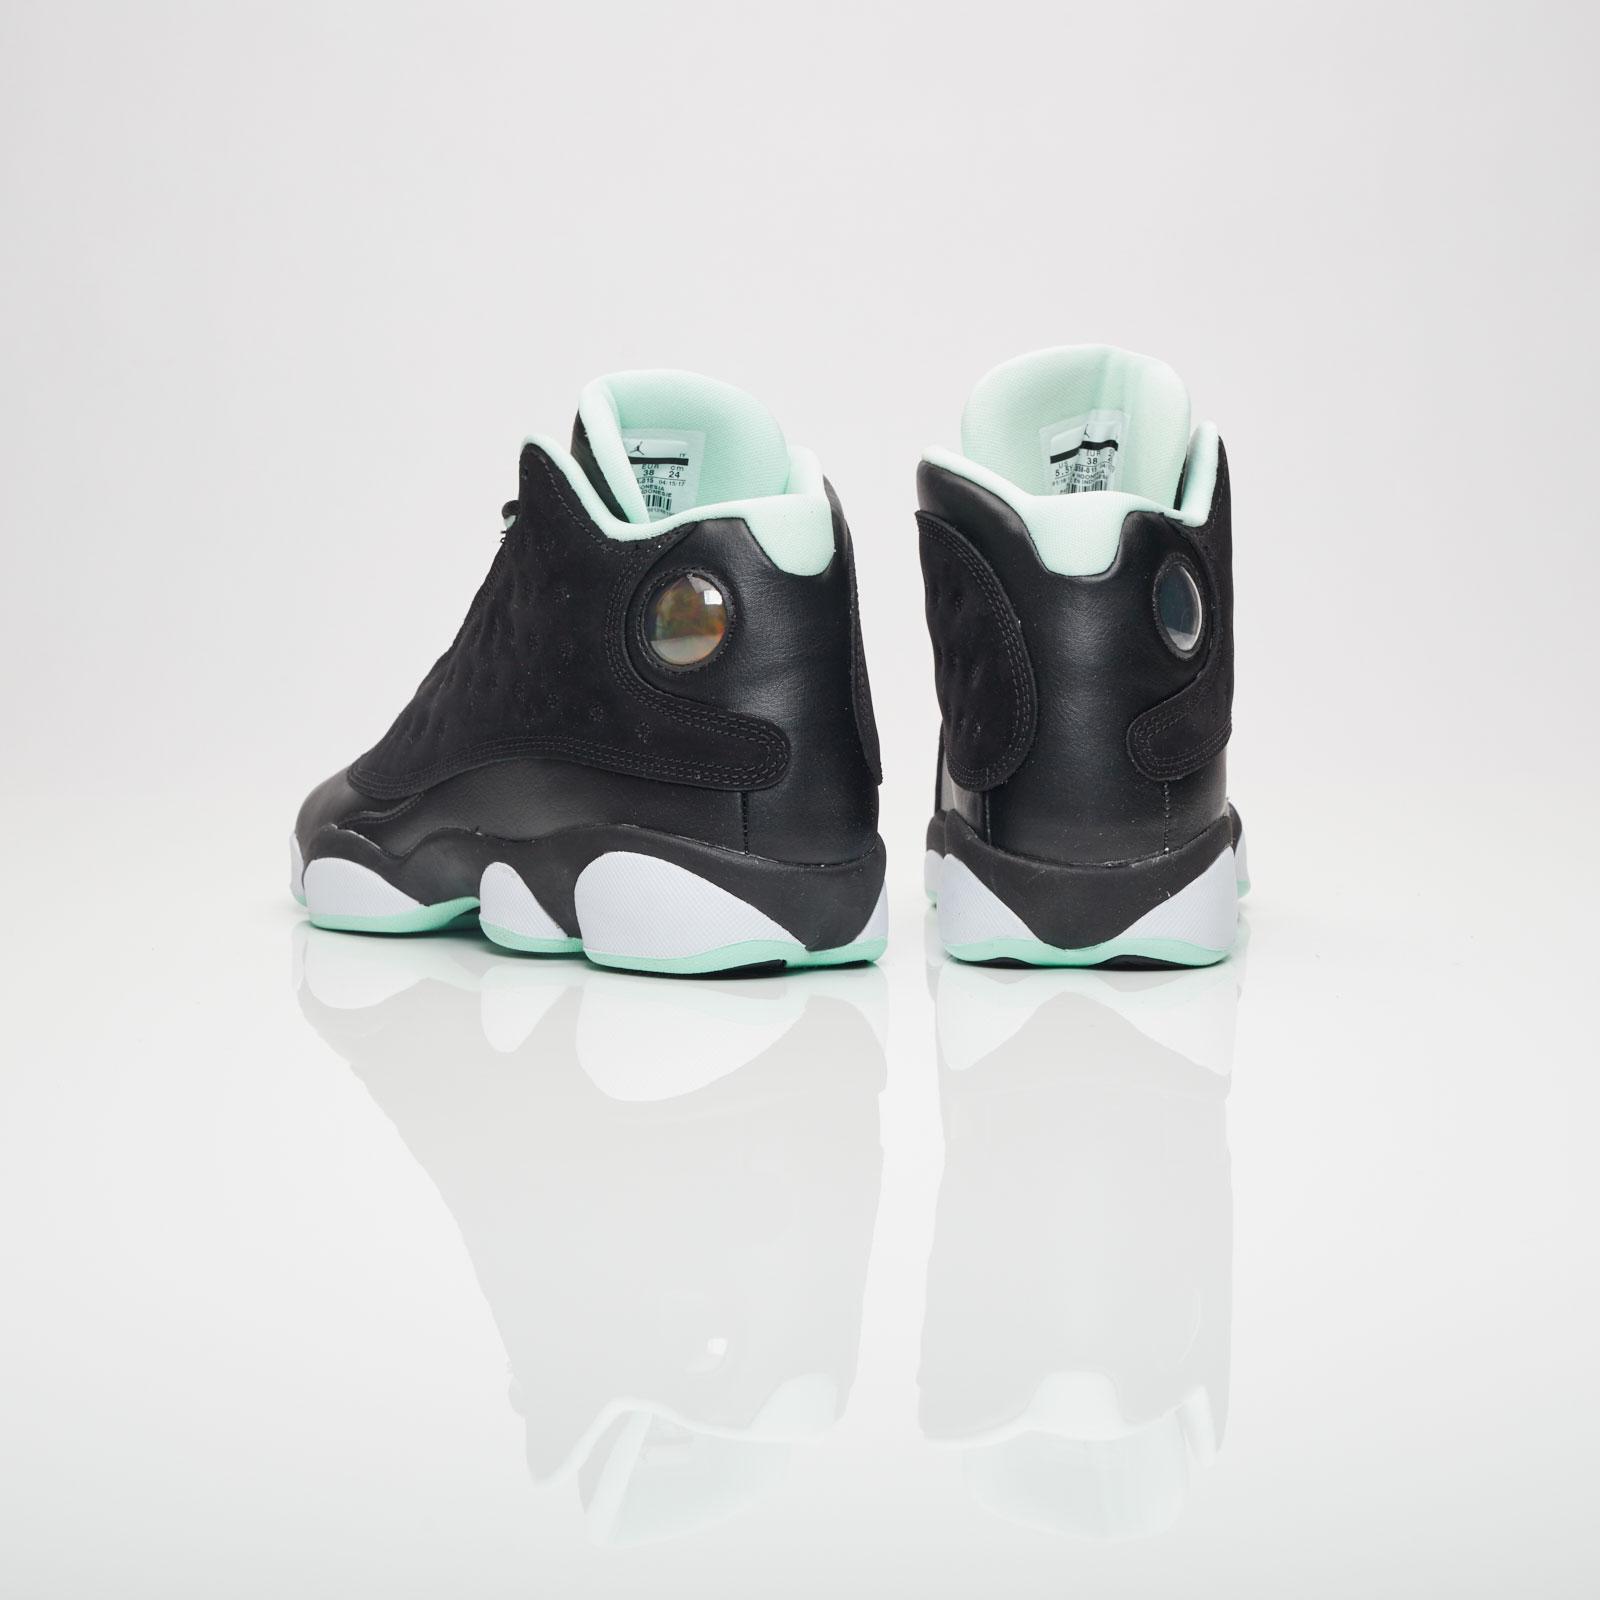 830c11f29e6 Jordan Brand Air Jordan 13 Retro (GS) - 439358-015 - Sneakersnstuff |  sneakers & streetwear online since 1999